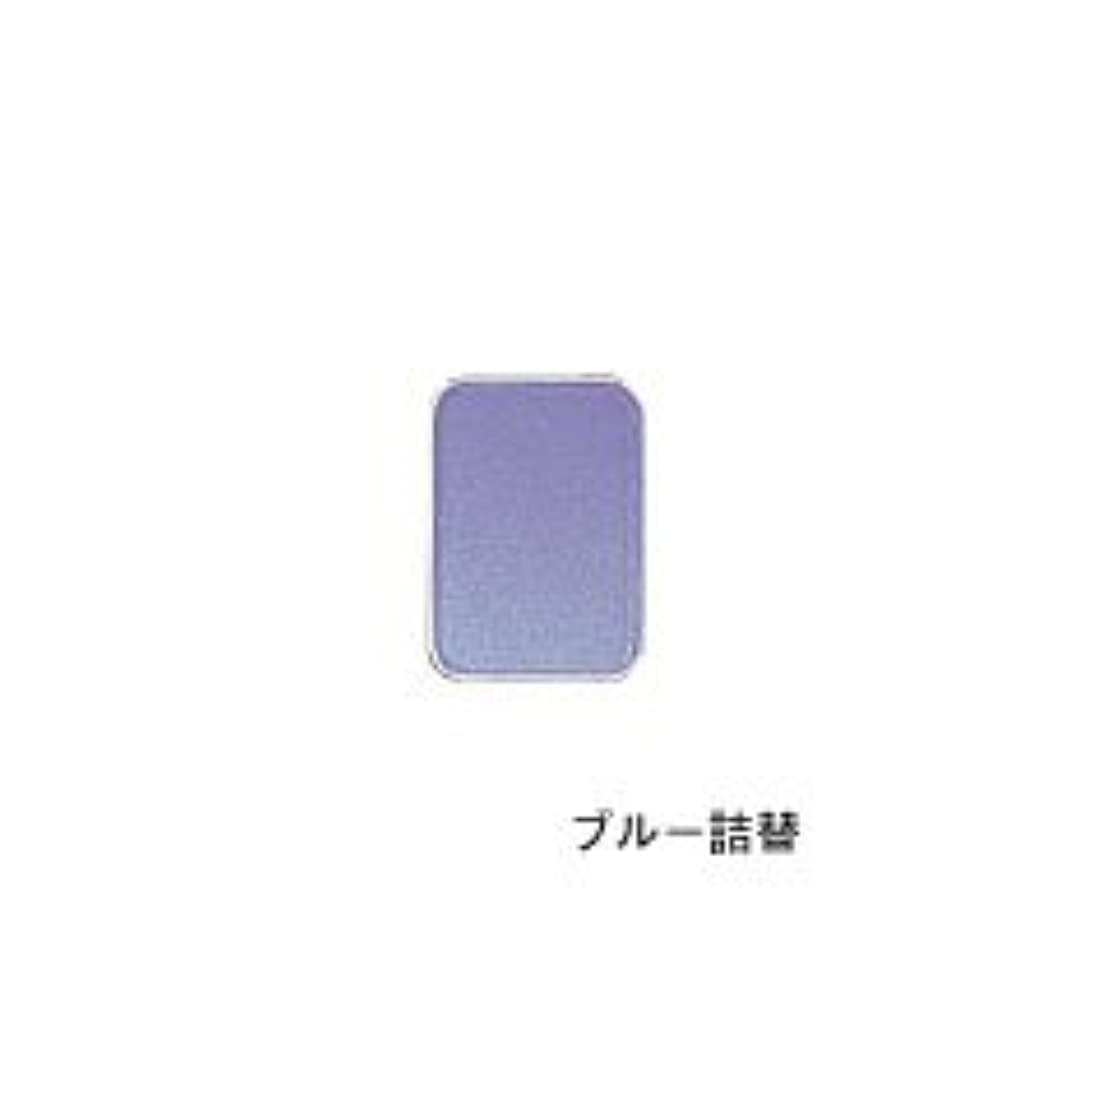 レキシコンコンデンサー優雅なリマナチュラル ピュアアイカラー 詰替用 ブルー×2個        JAN:4514991230347